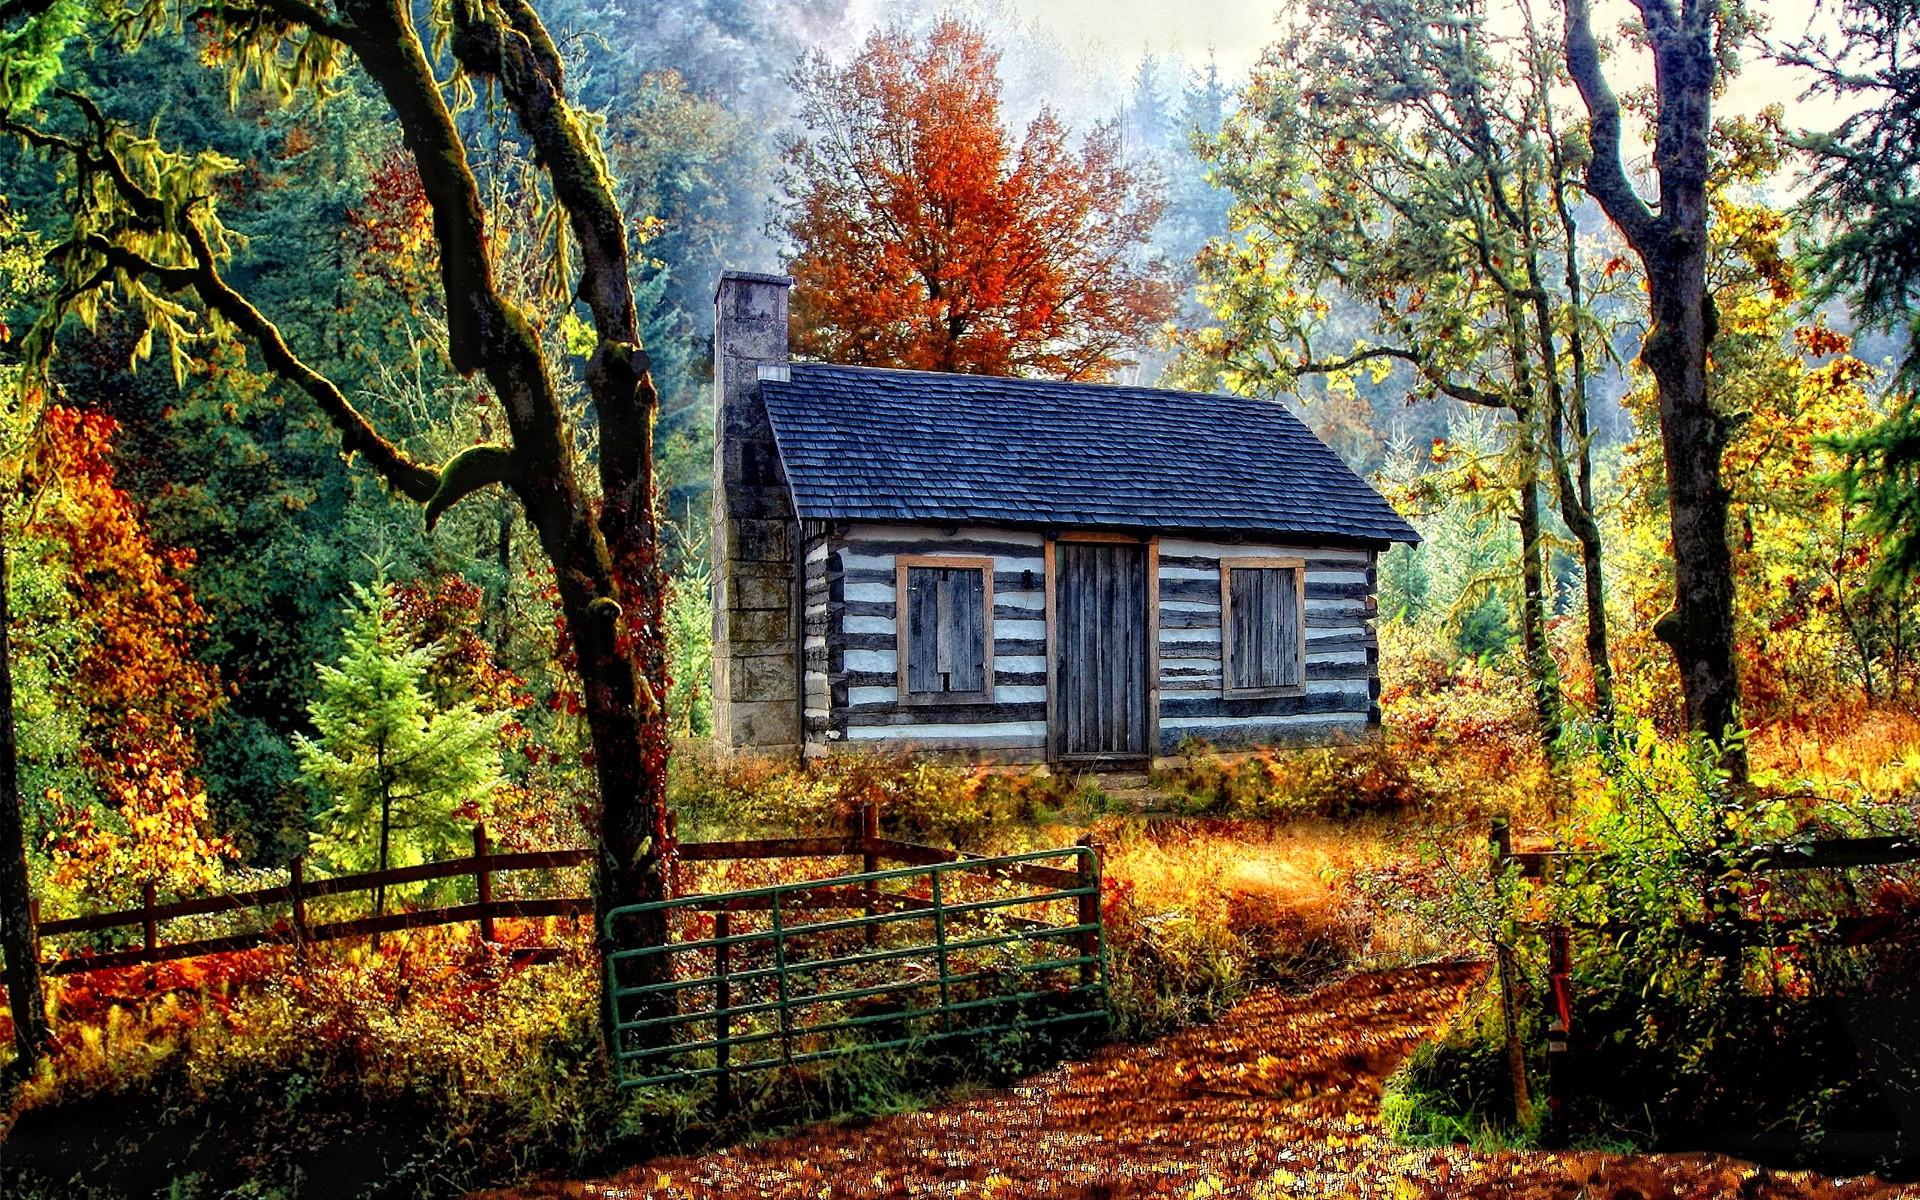 Autumn cottage photo